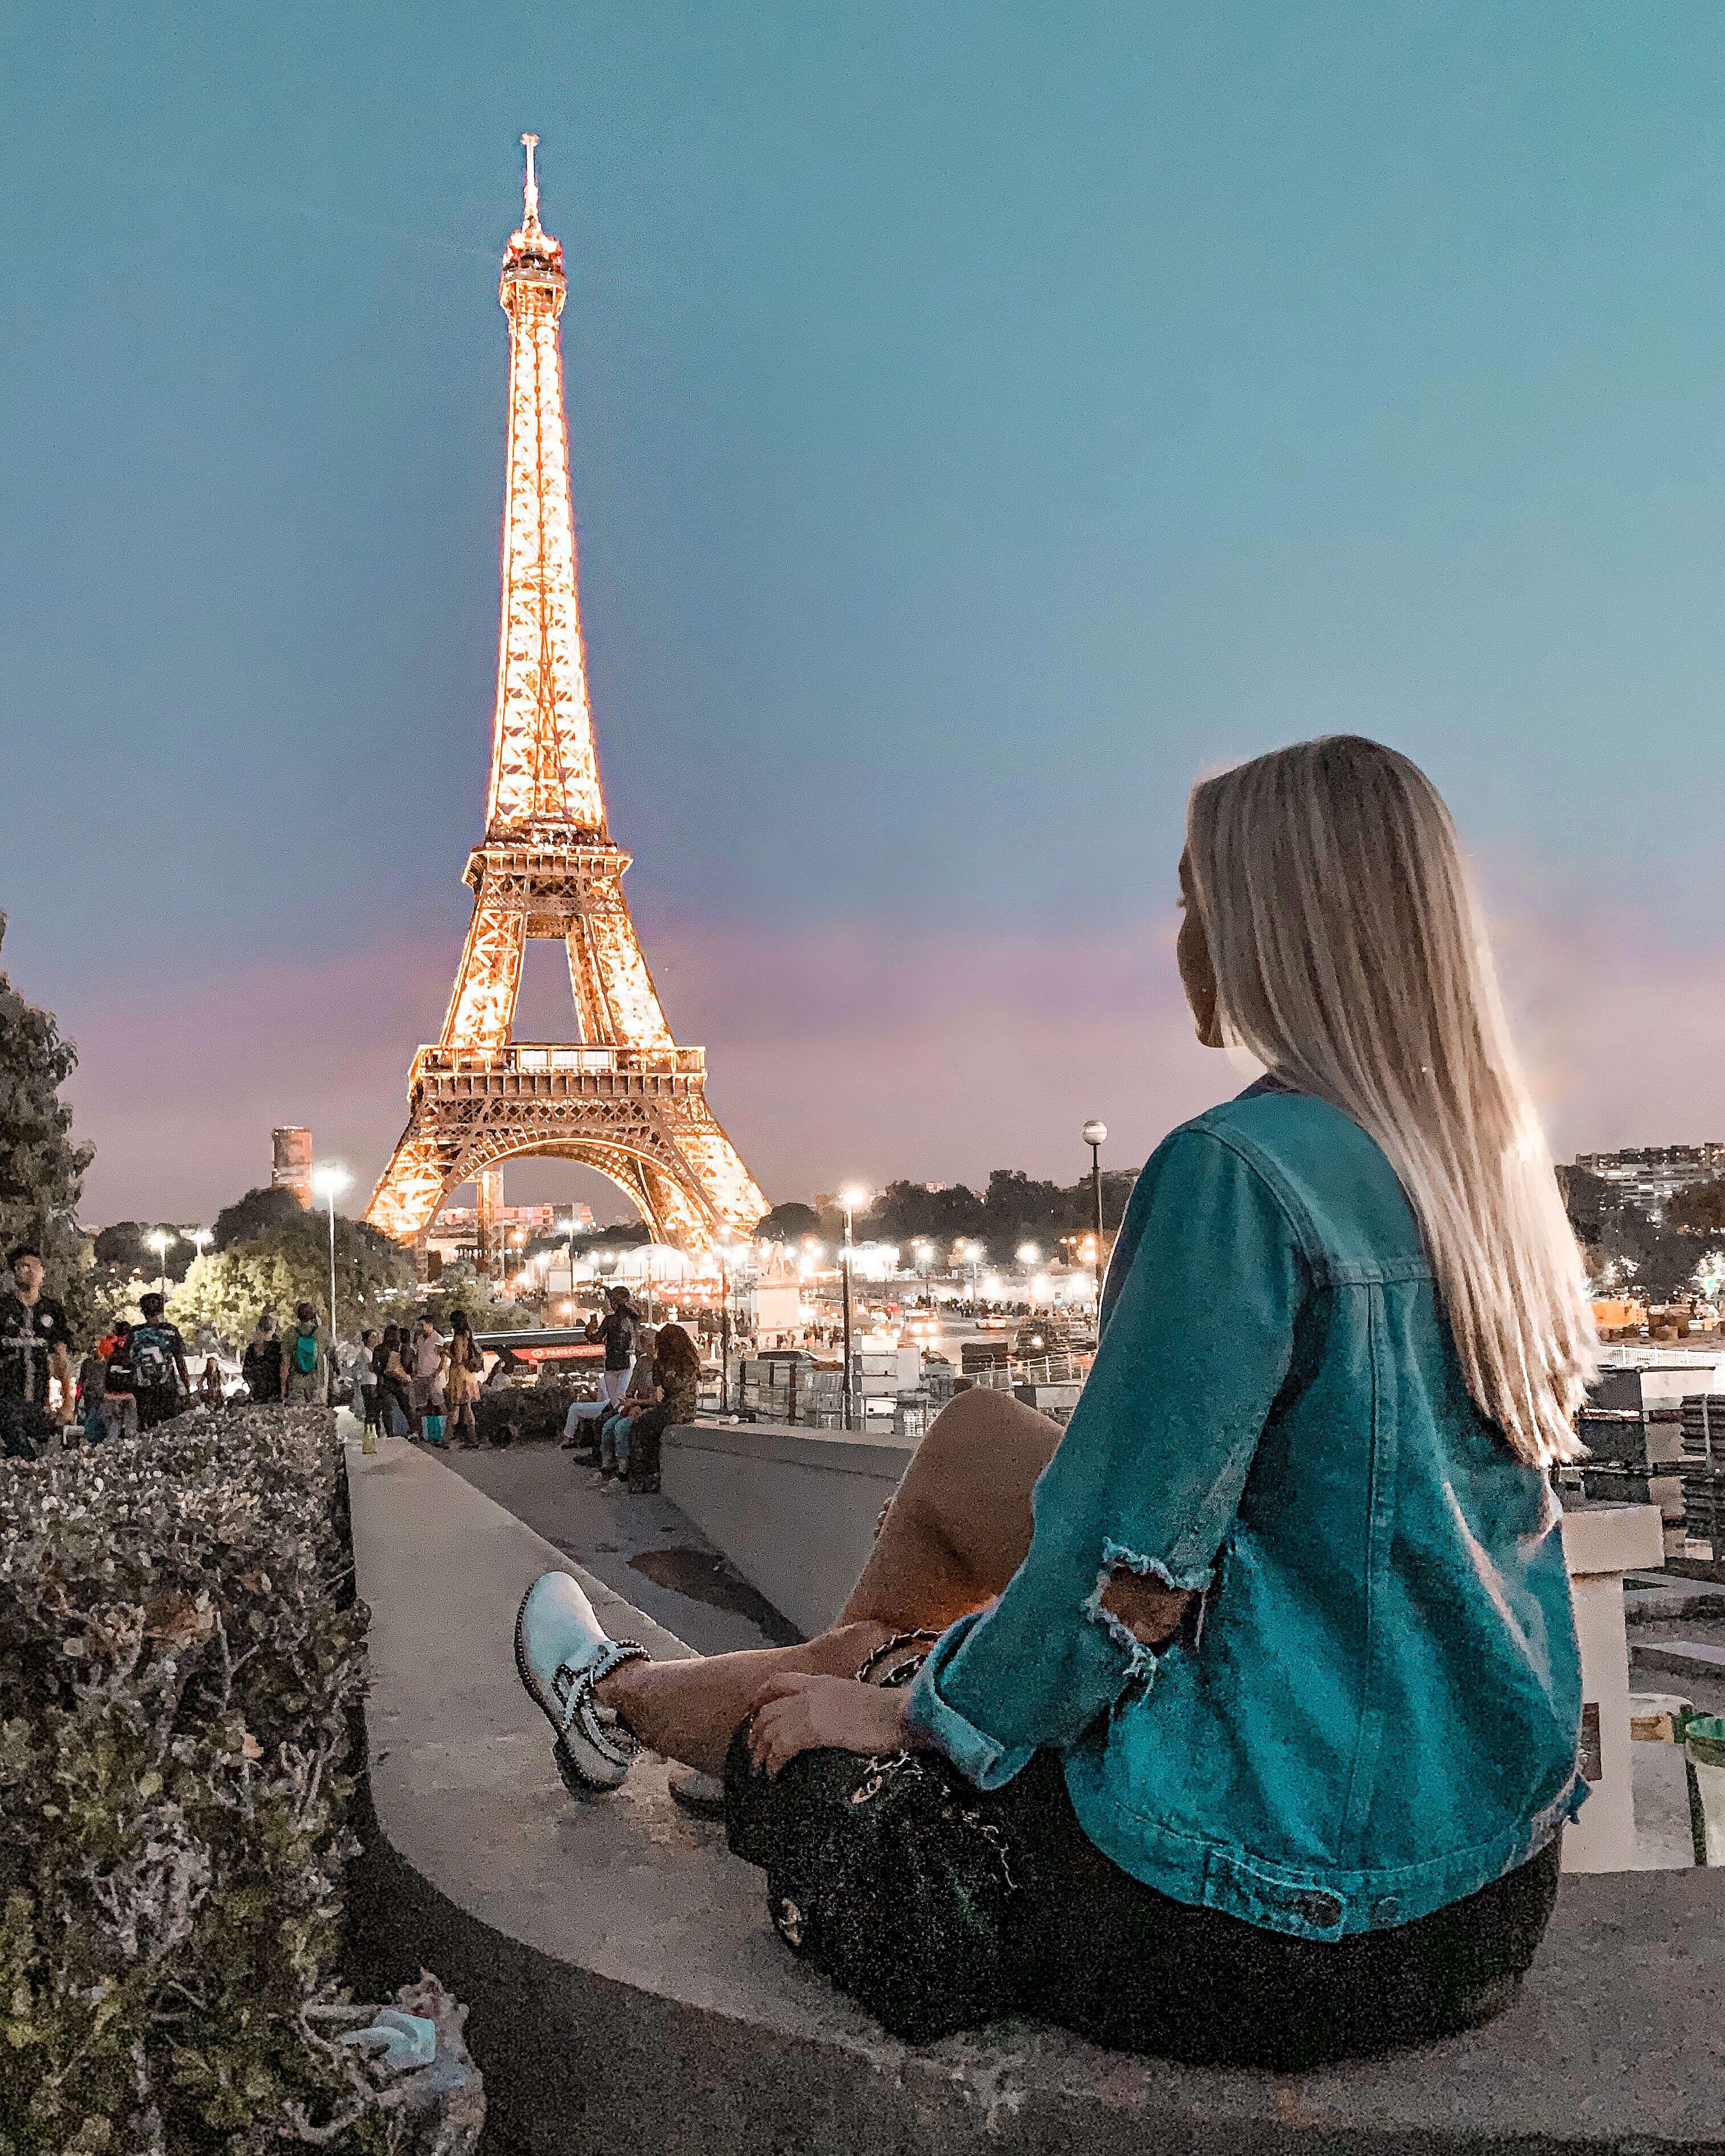 Paris Reisetipps Und Sehenswurdigkeiten Katefully Paris Eiffelturm Paris Reisetipps Sehenswurdigkeiten In Paris